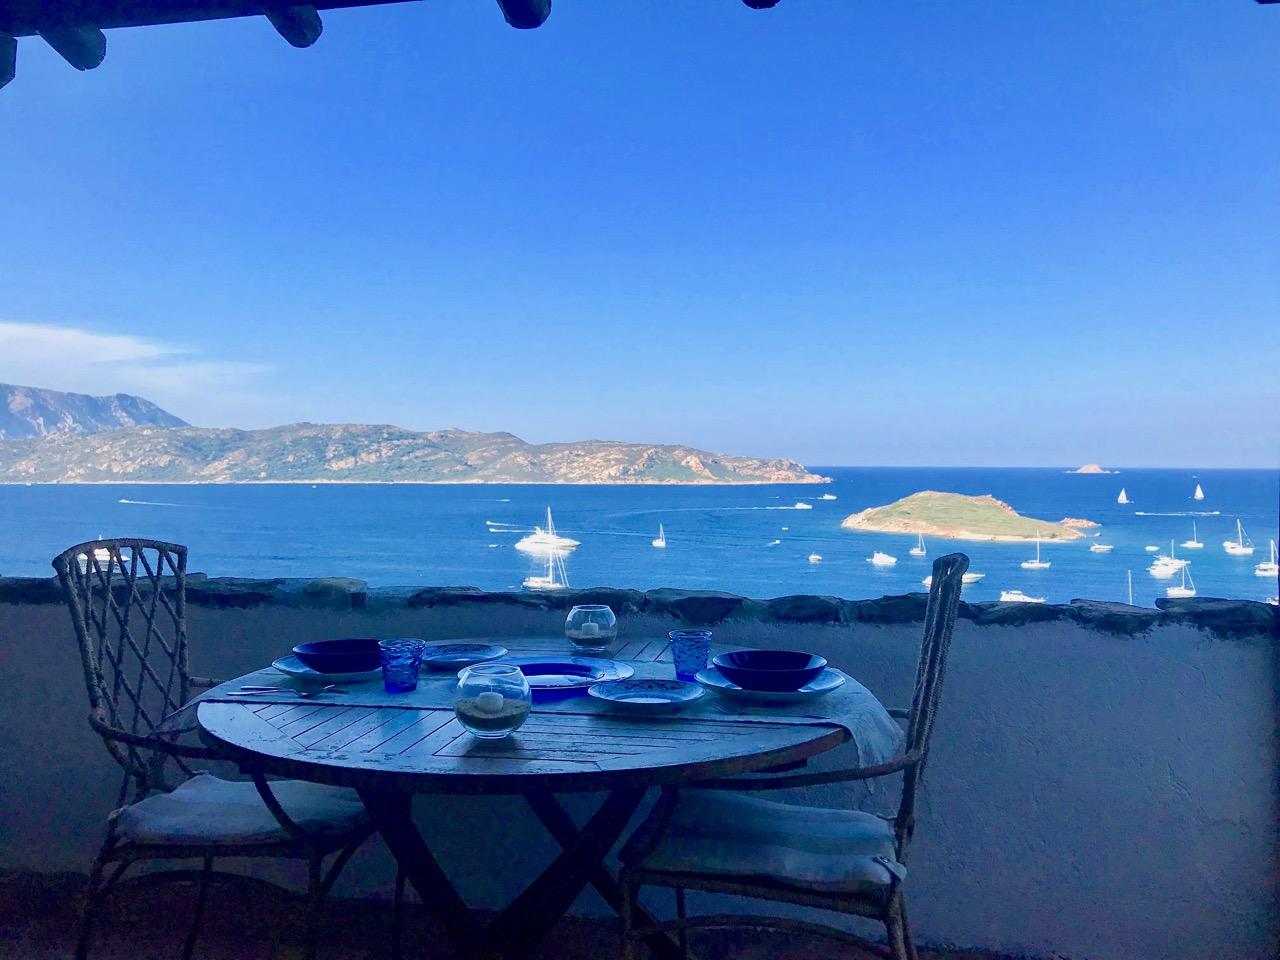 Casa Blue - Coda Cavallo Resort (noordoosten) 0